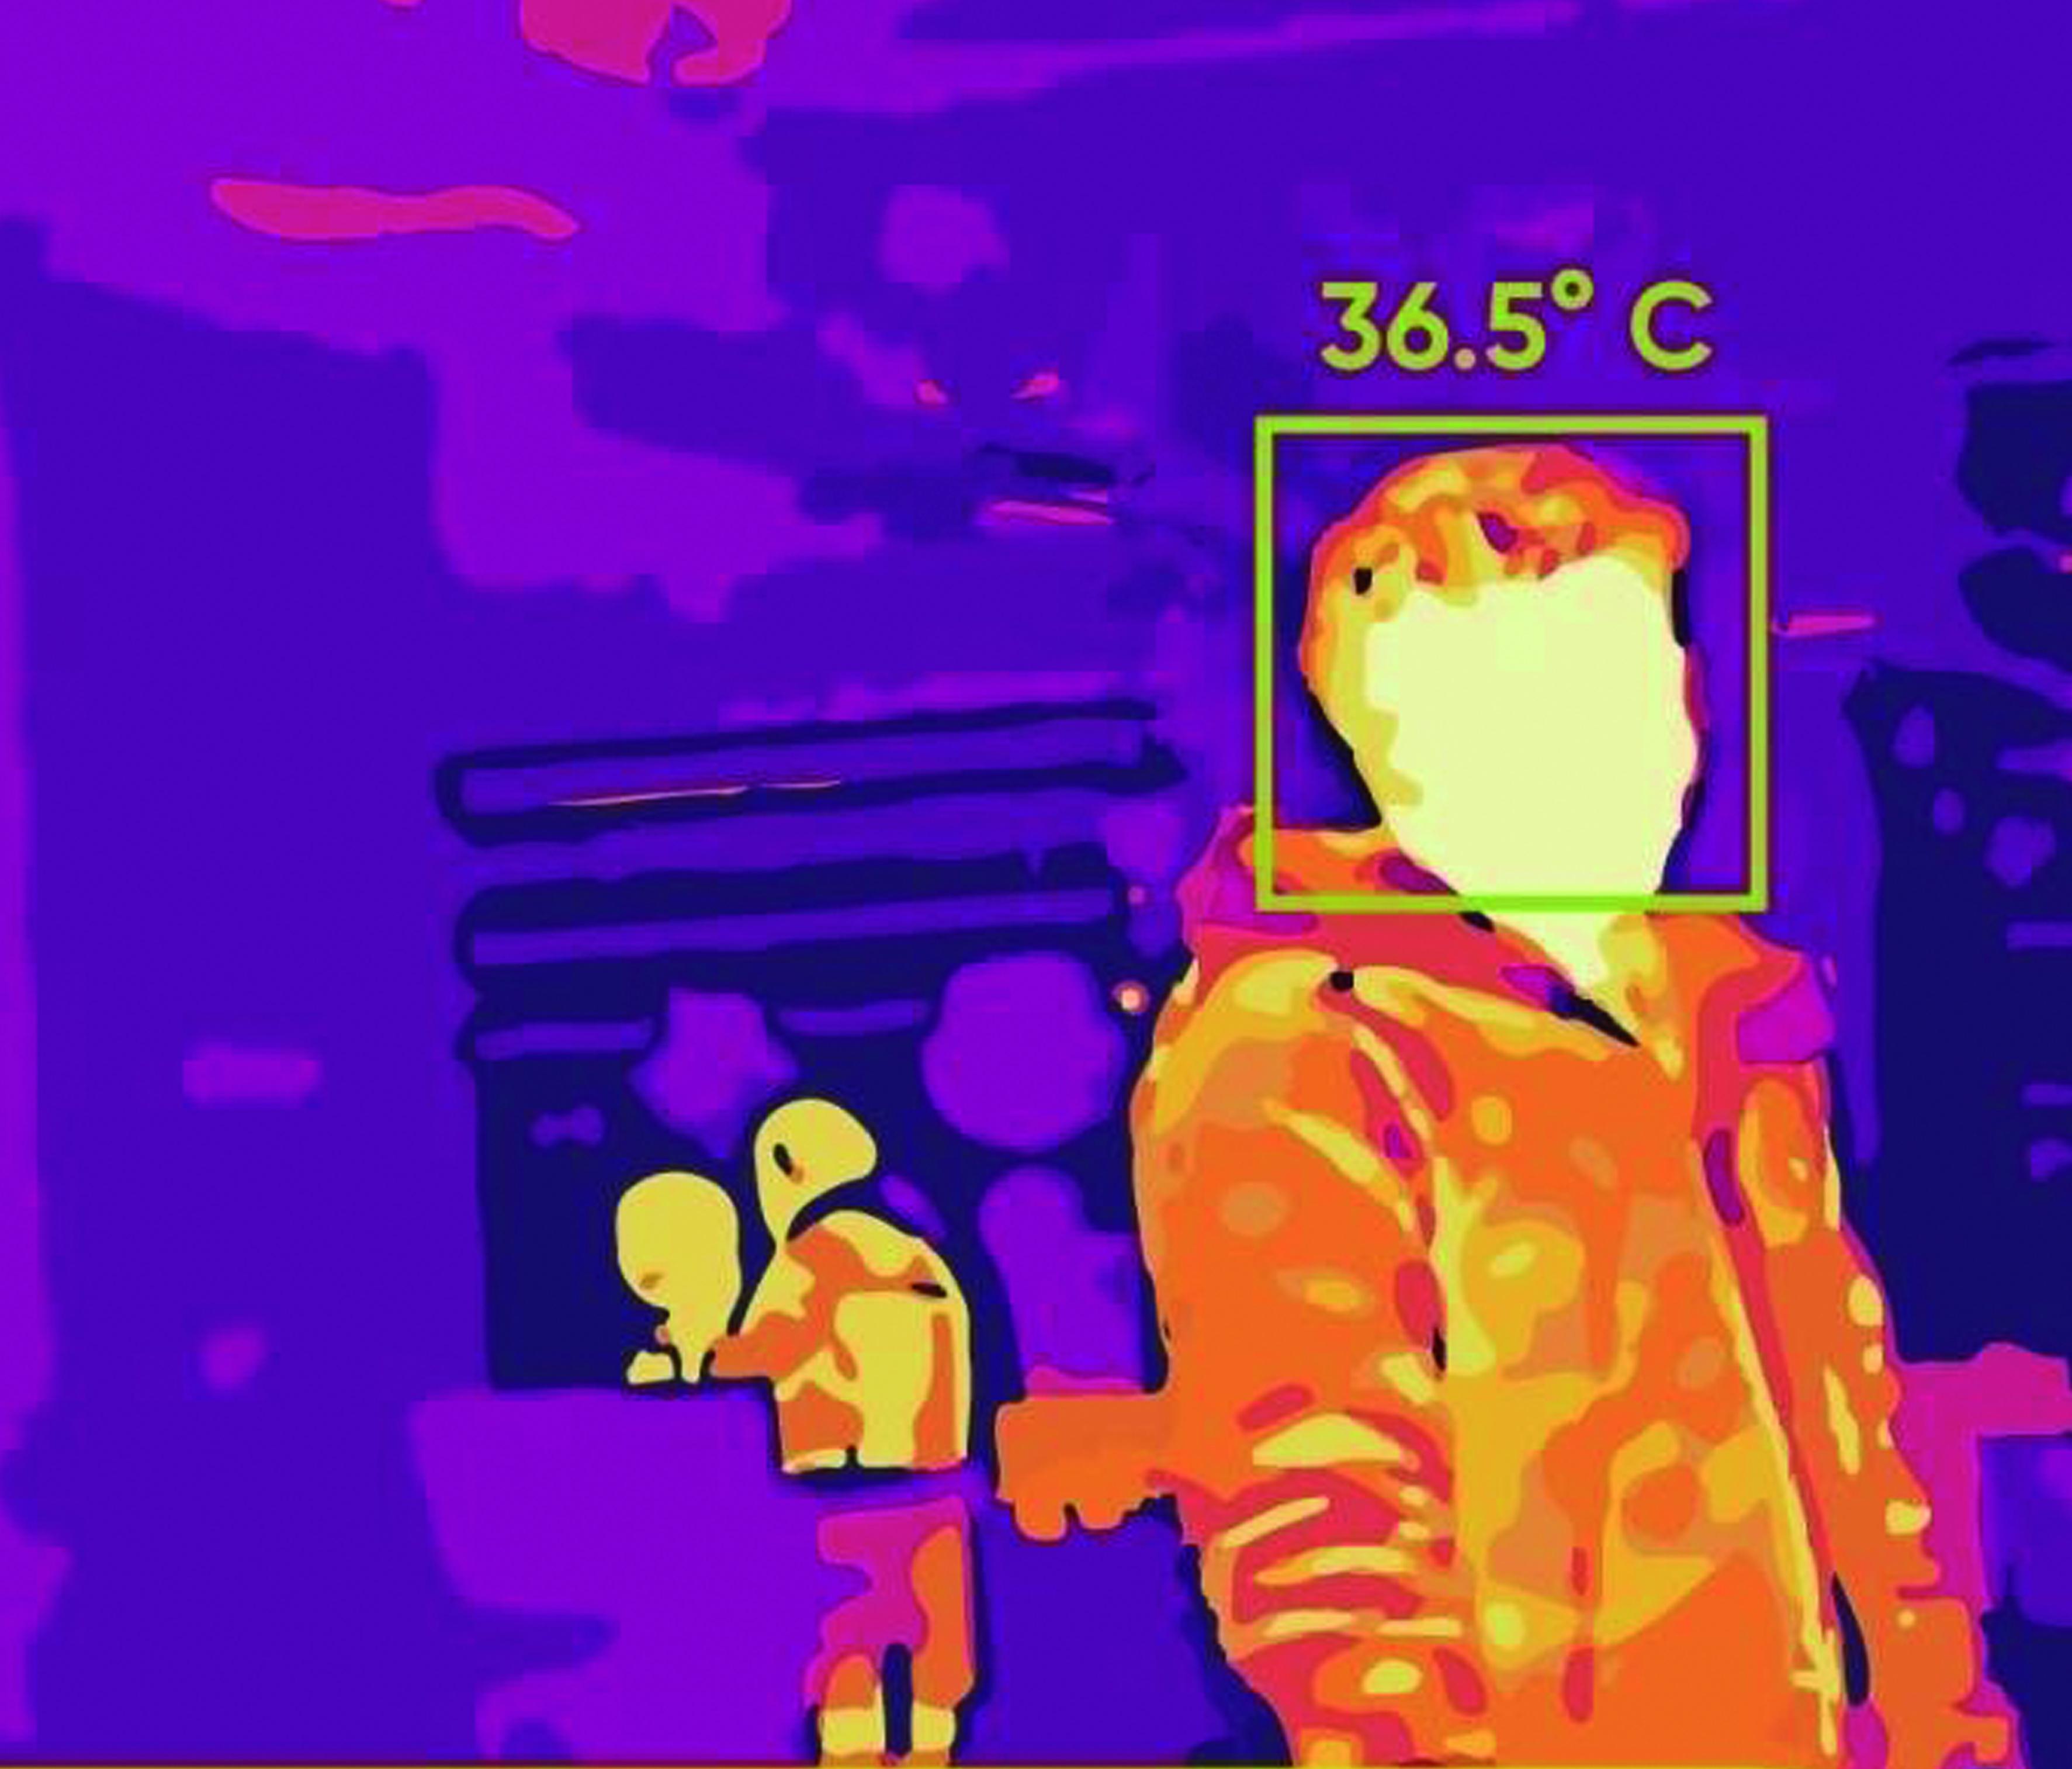 cámaras para medir temperatura con alta precisión Mercasat